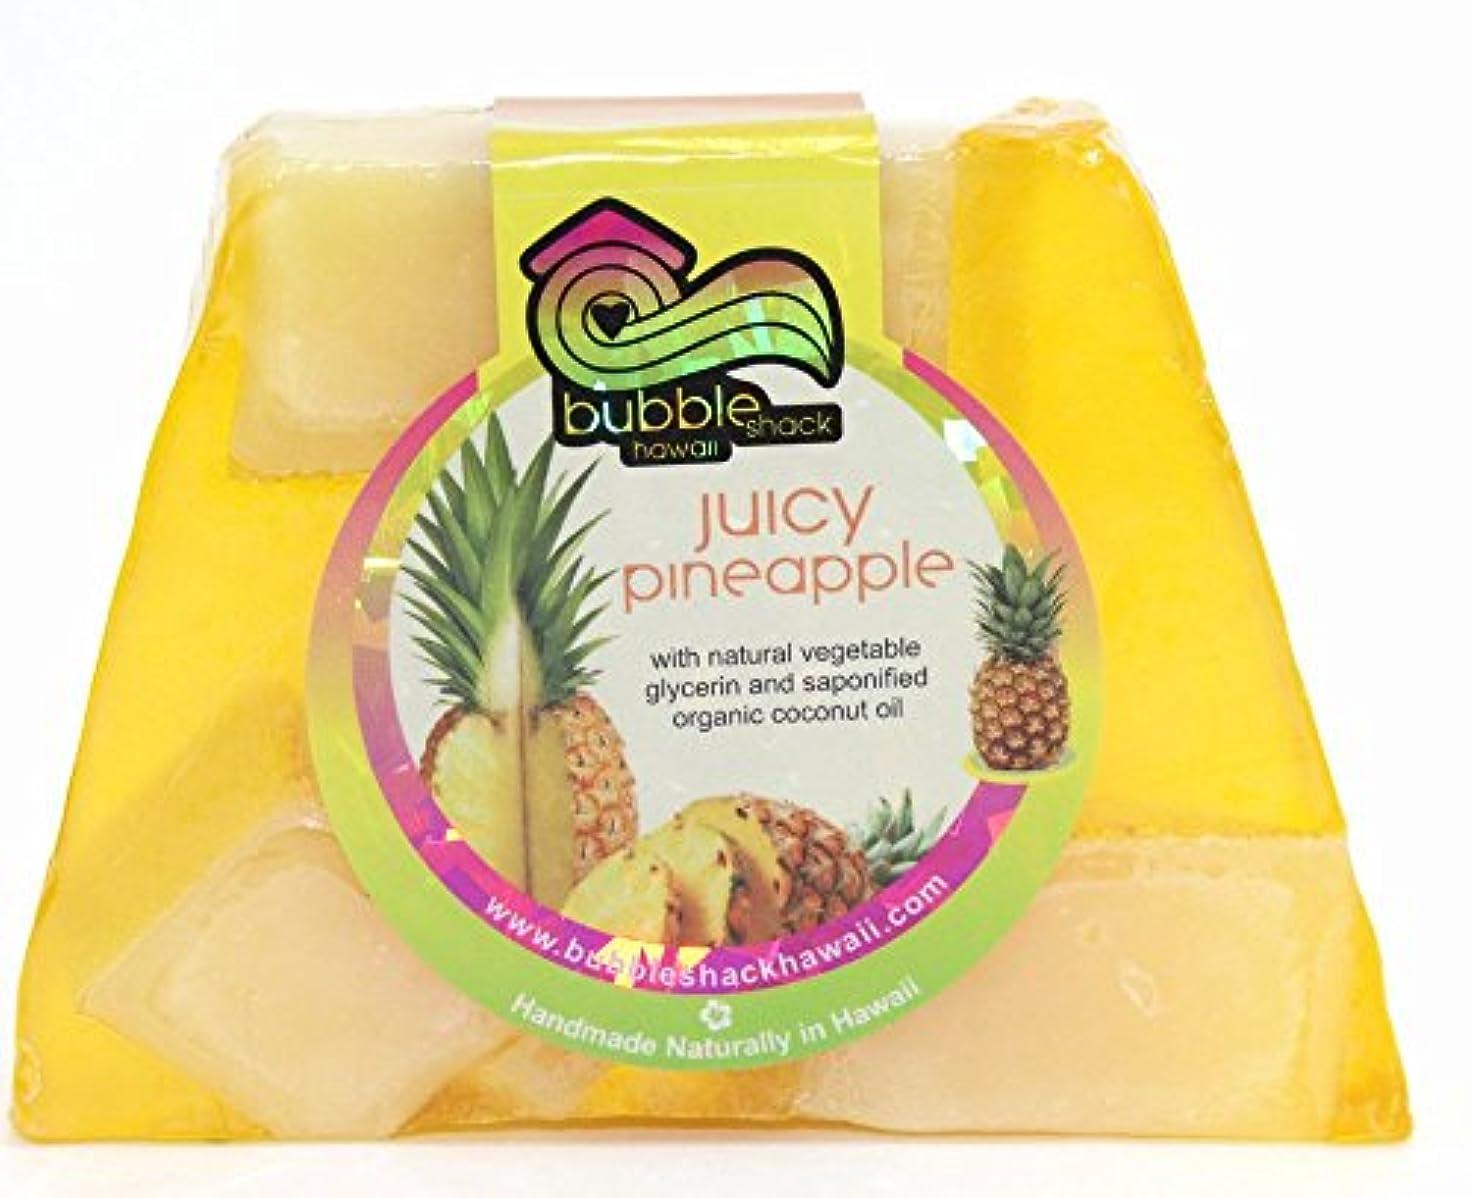 飢えたエチケット固体ハワイ お土産 ハワイアン雑貨 バブルシャック パイナップル チャンクソープ 石鹸 (パイナップル) ハワイ雑貨